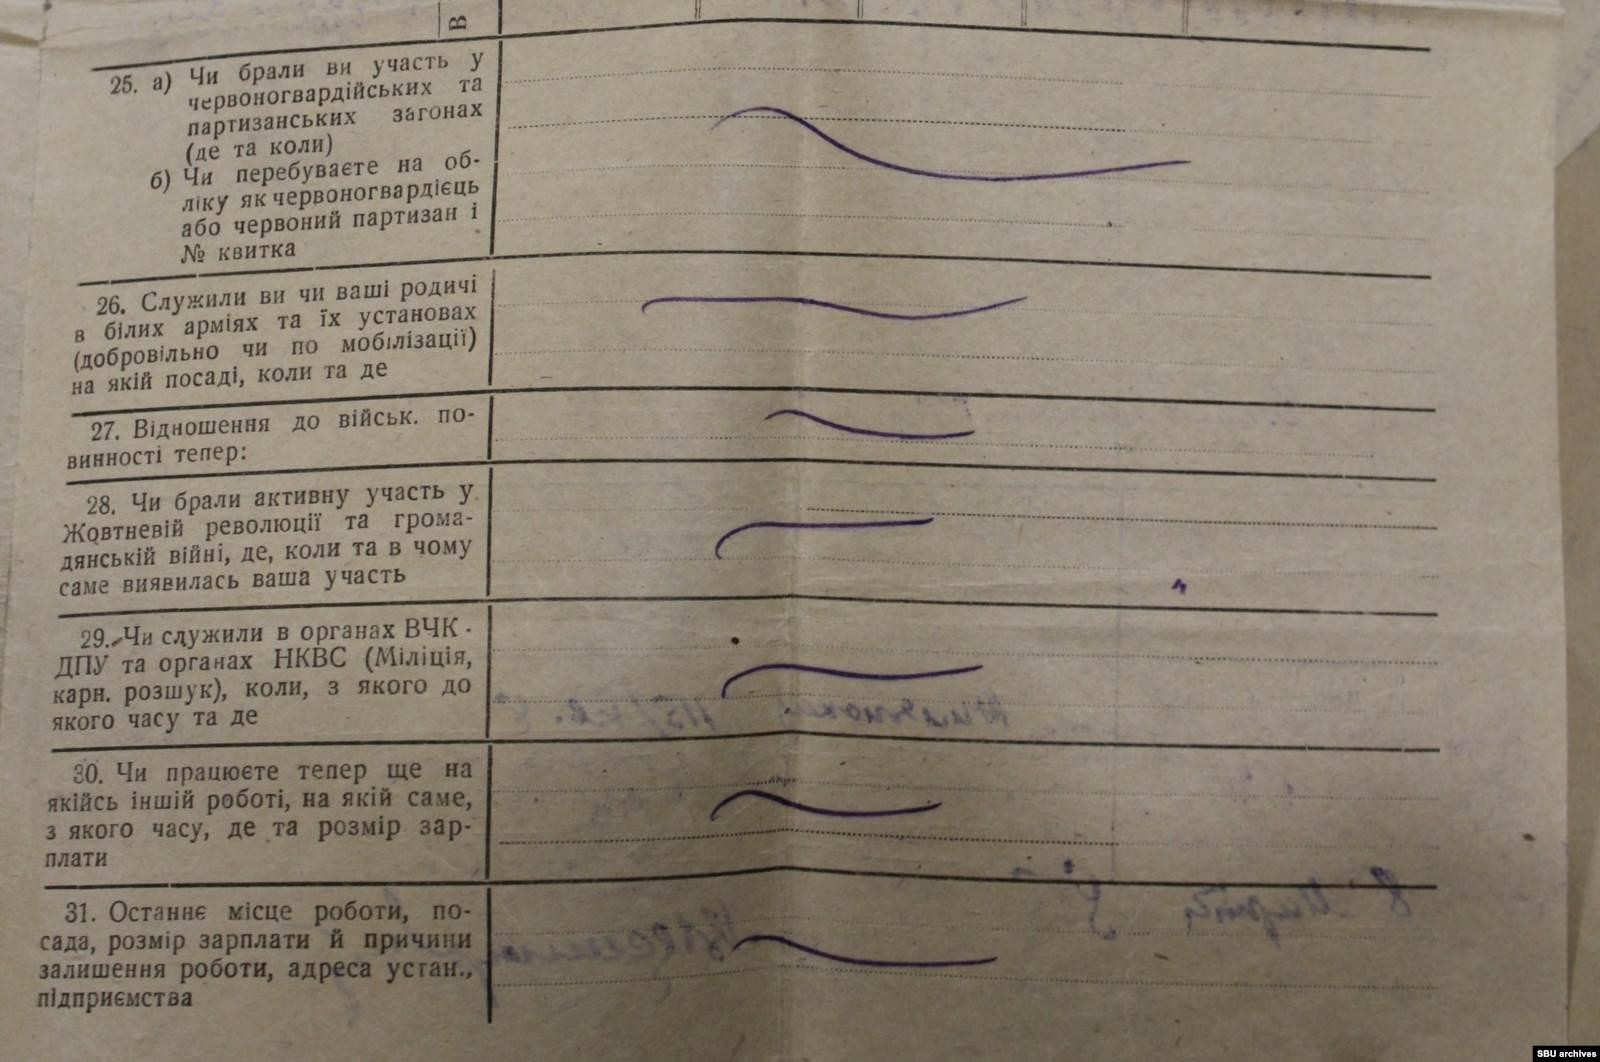 Выдержка из анкеты Владимира Цетнаровского